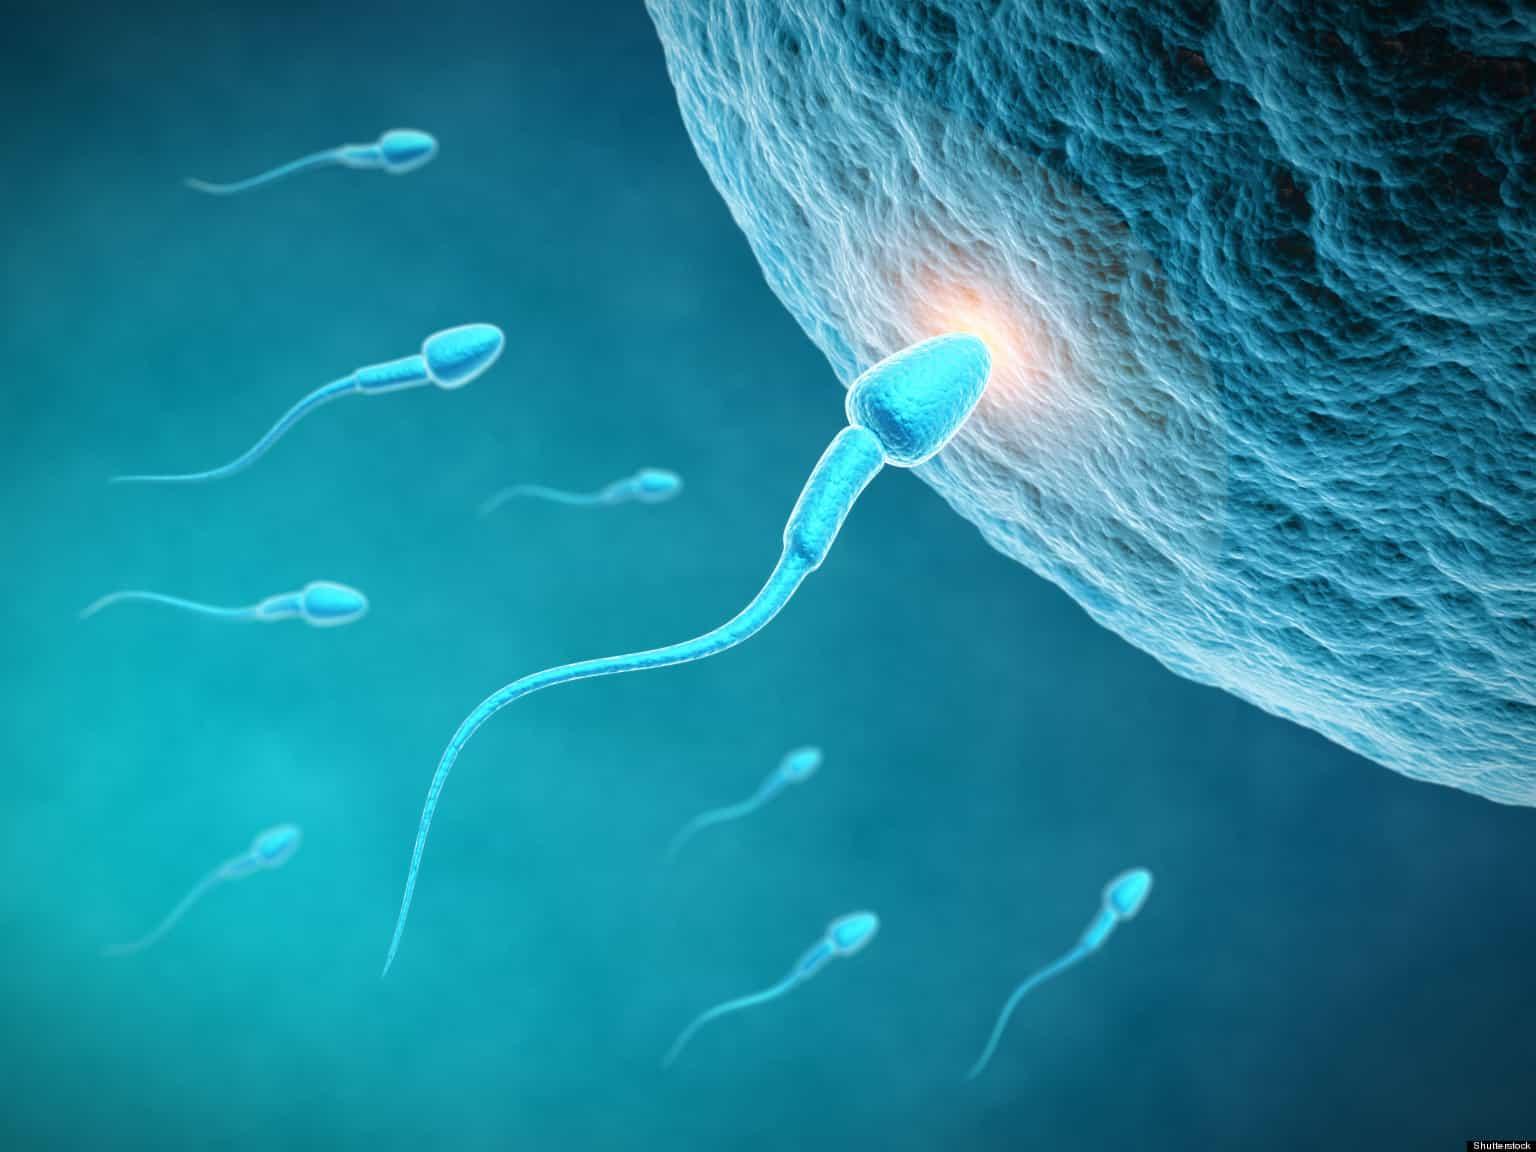 Môi trường sống làm suy giảm chất lượng tinh trùng gây vô sinh nam